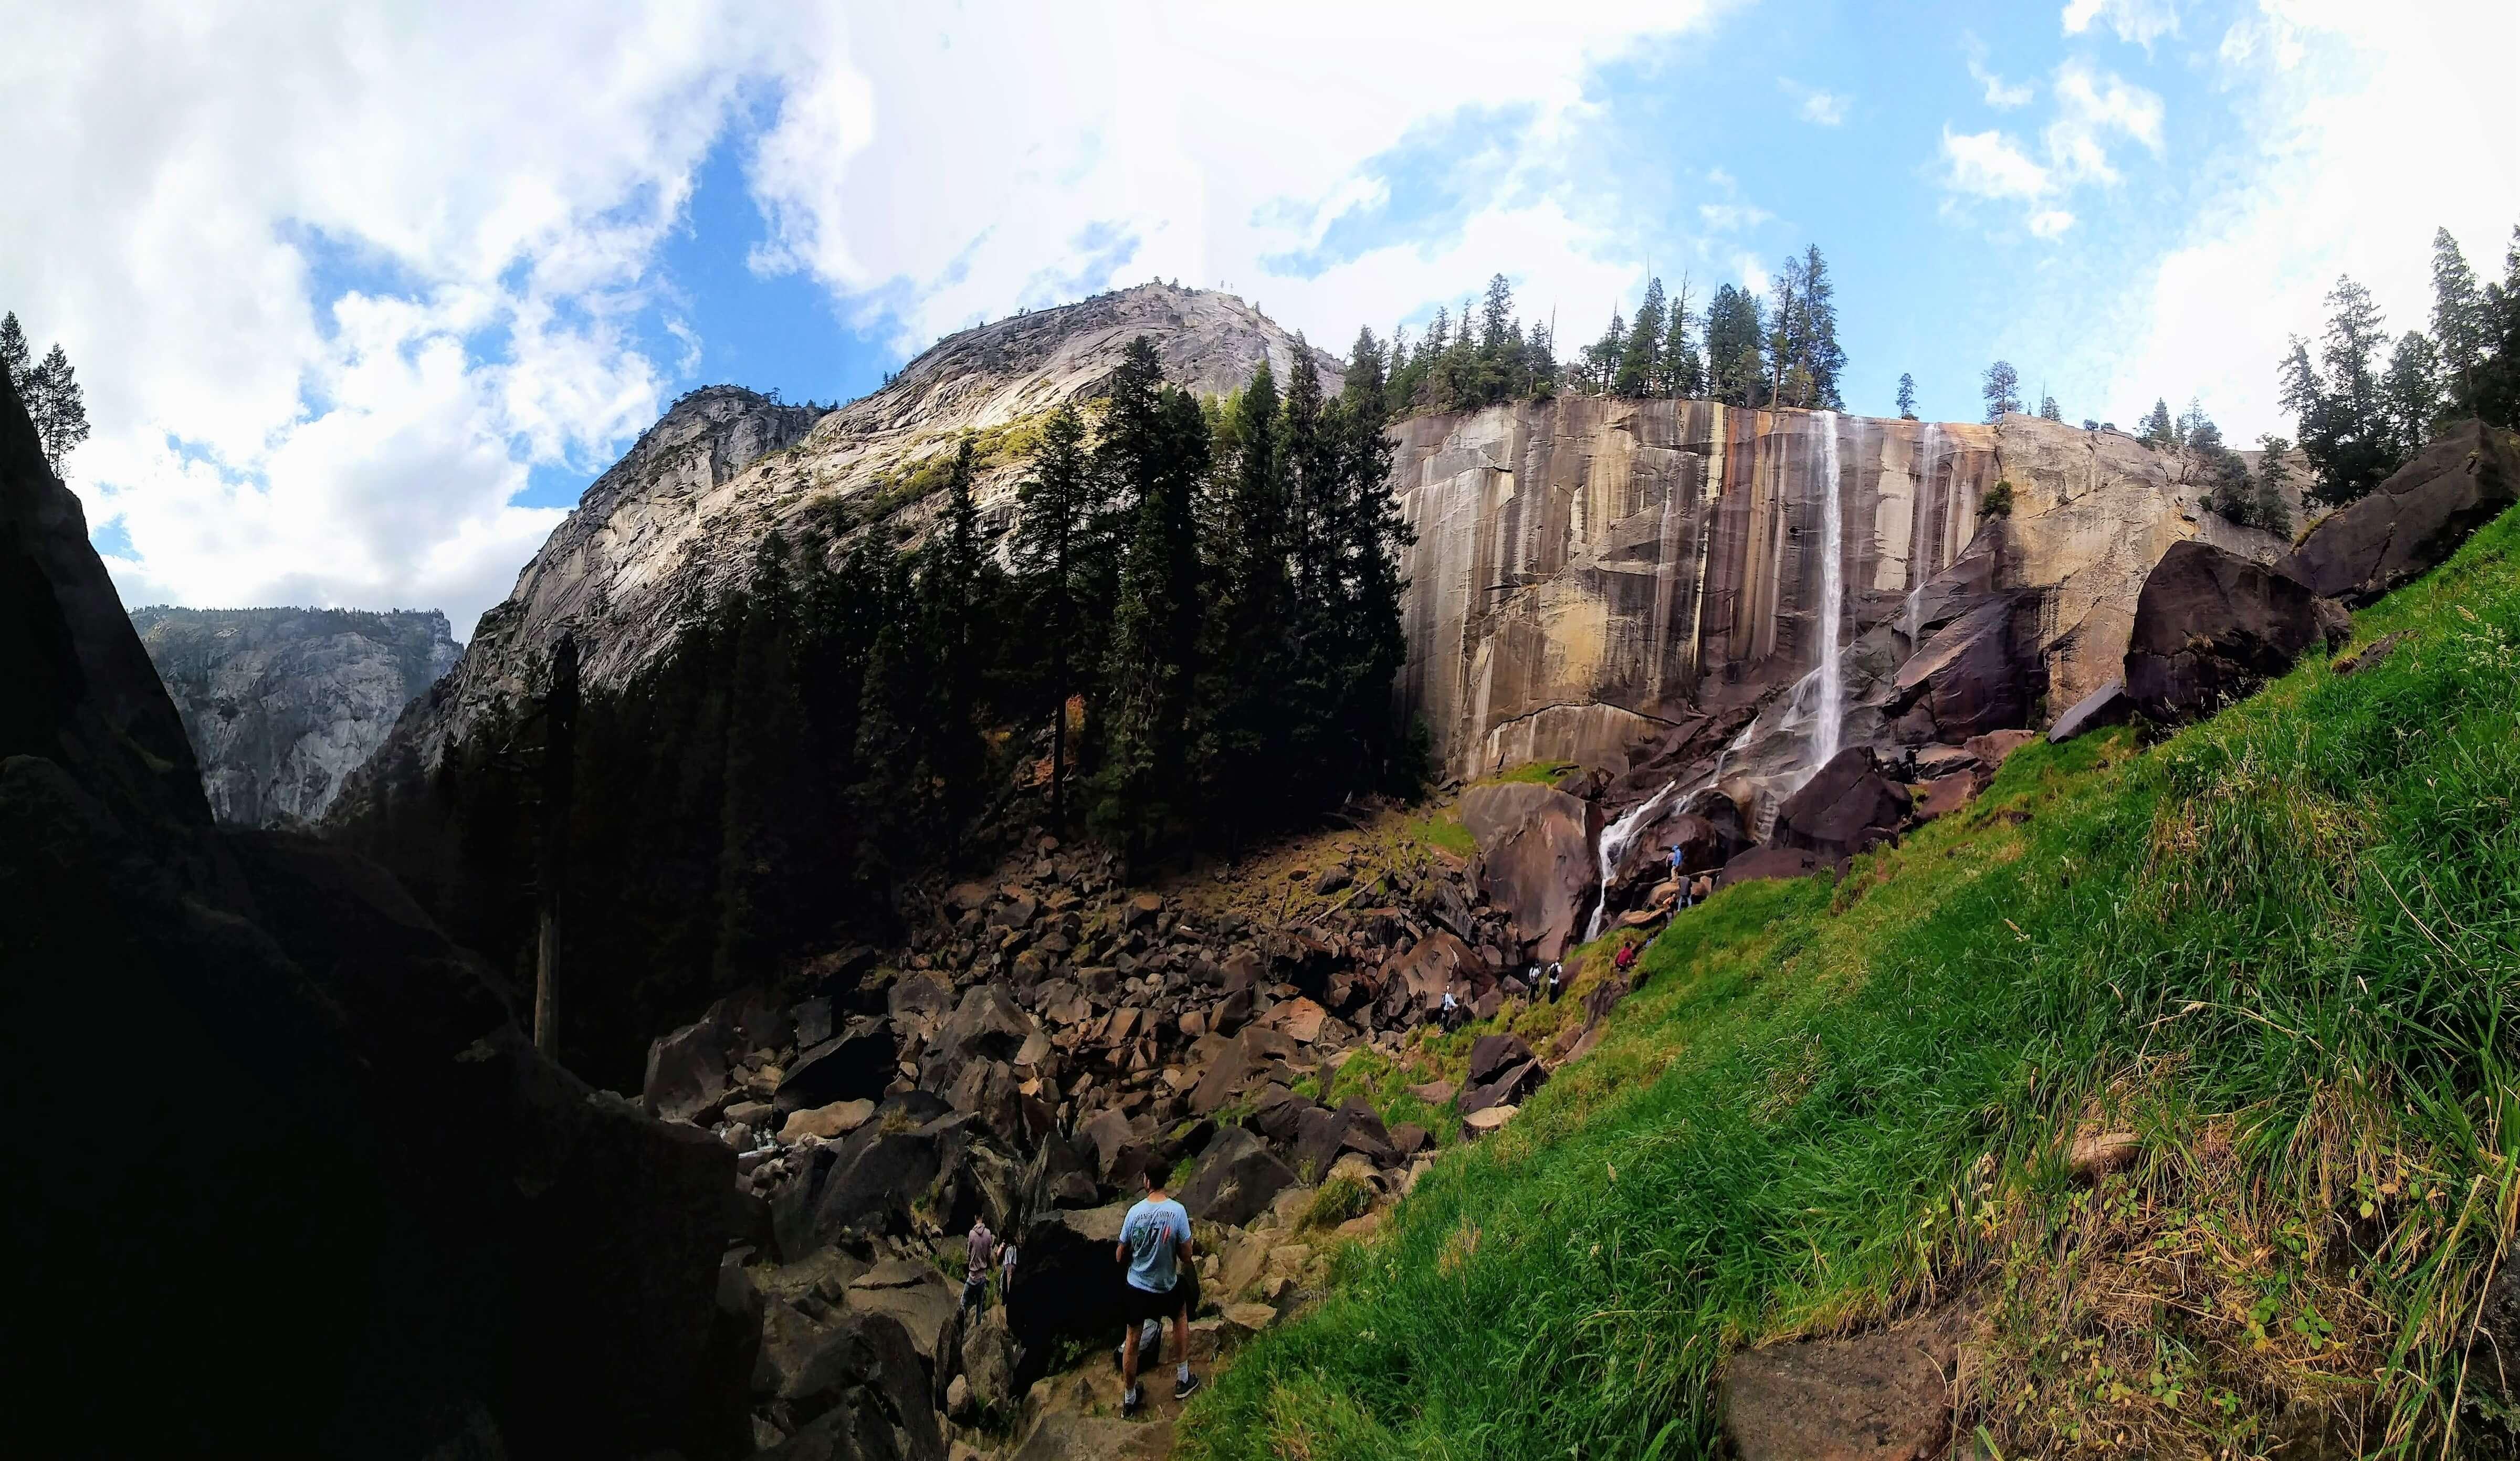 Vernal Falls and Nevada Fall Trail, Yosemite National Park